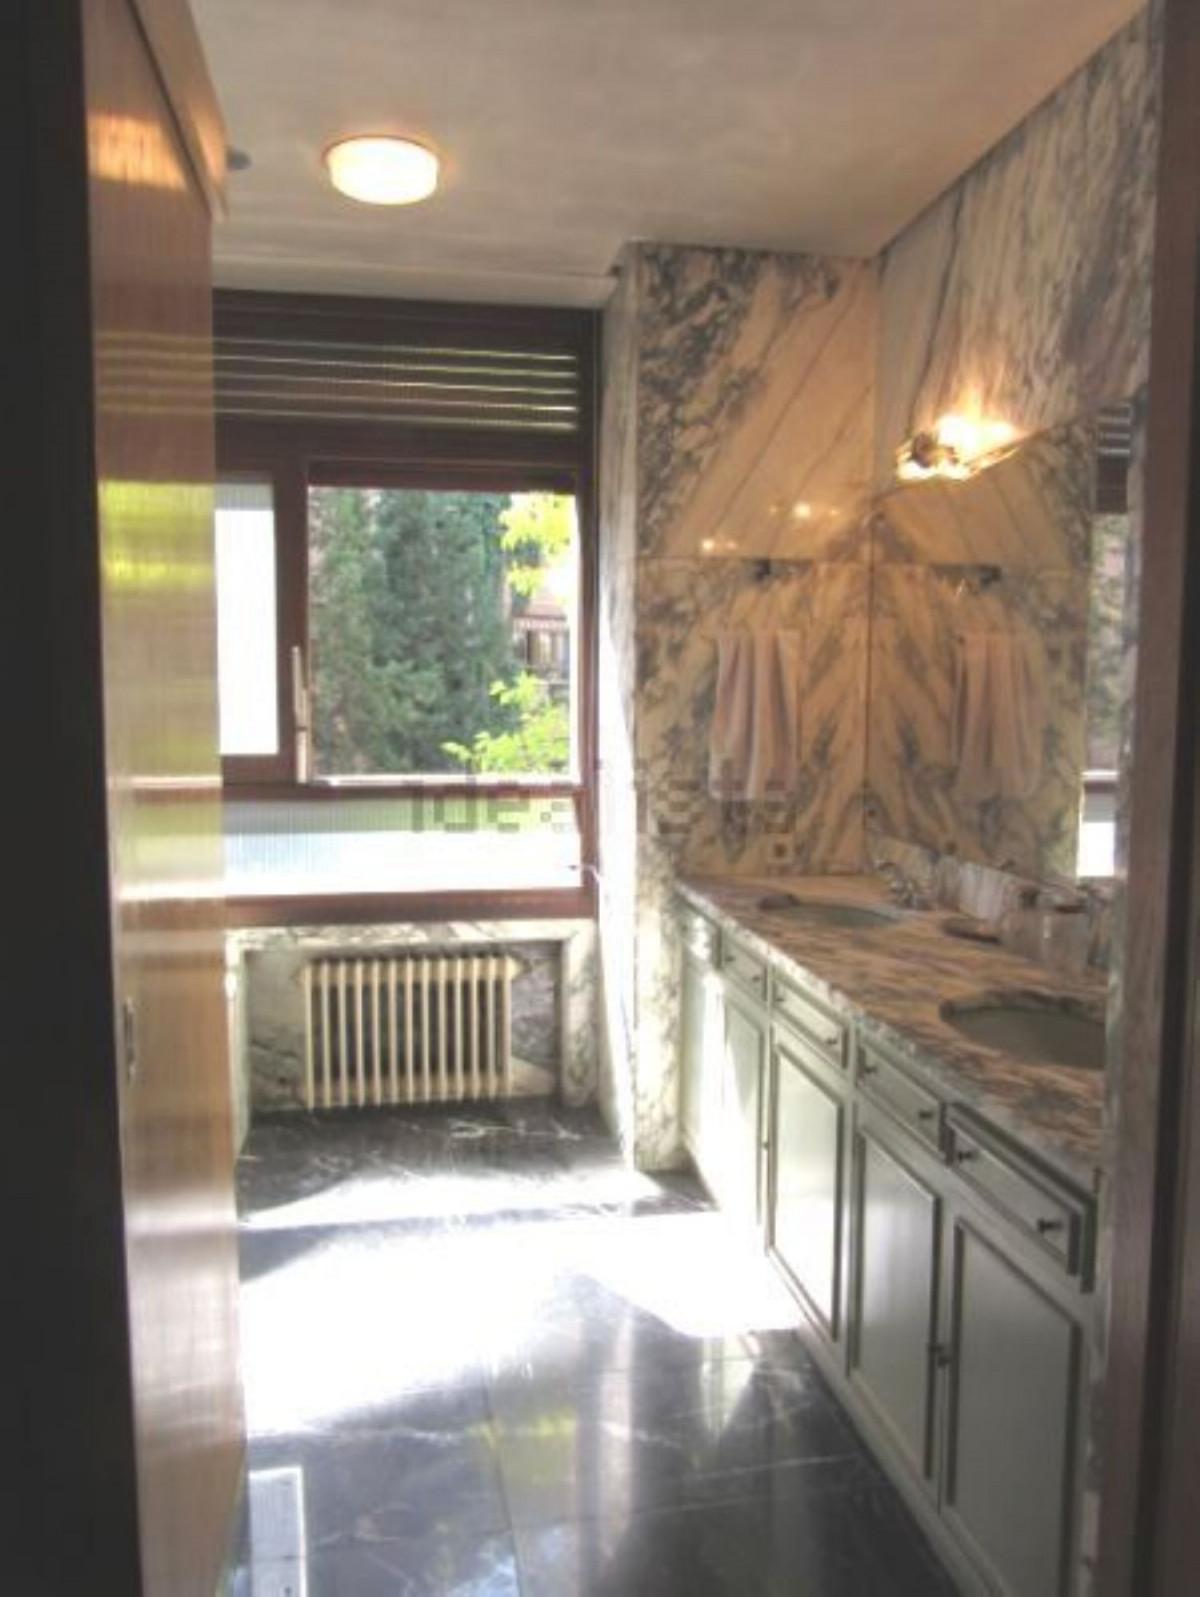 Venta de piso en madrid - imagenInmueble3